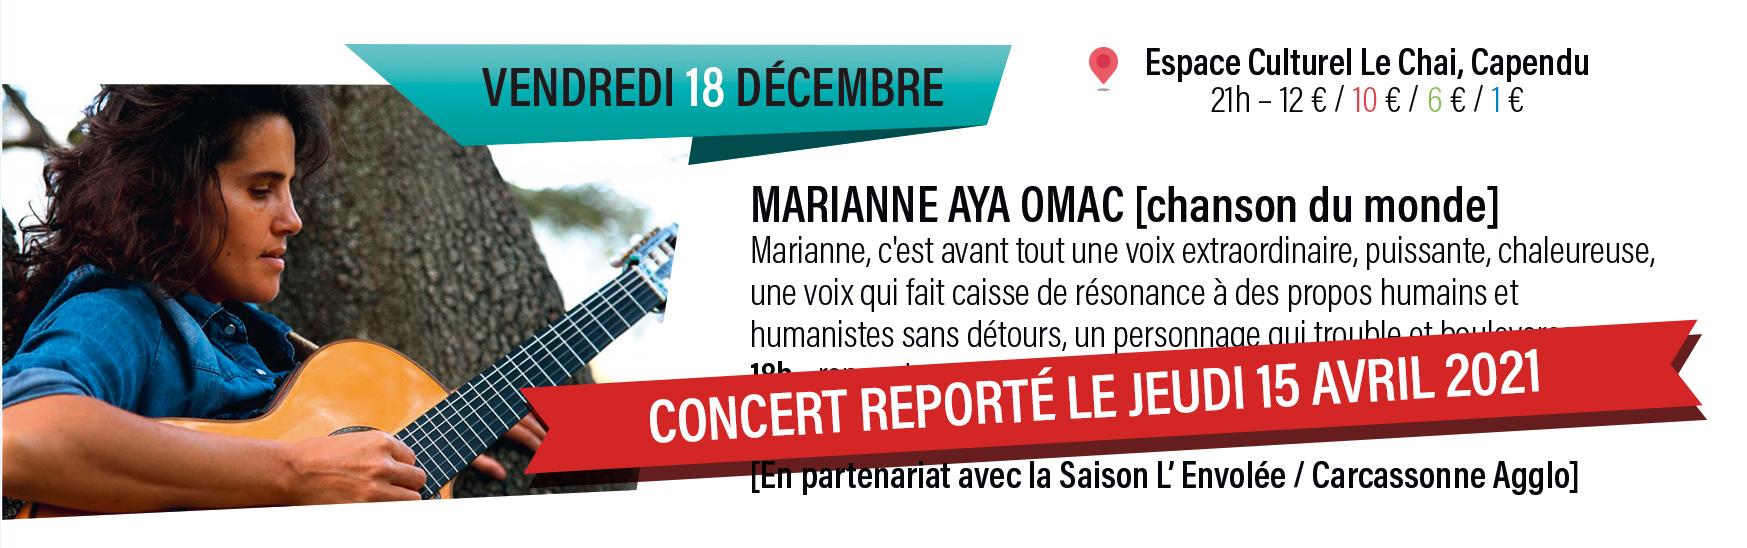 Concert de Marianne Aya Omac